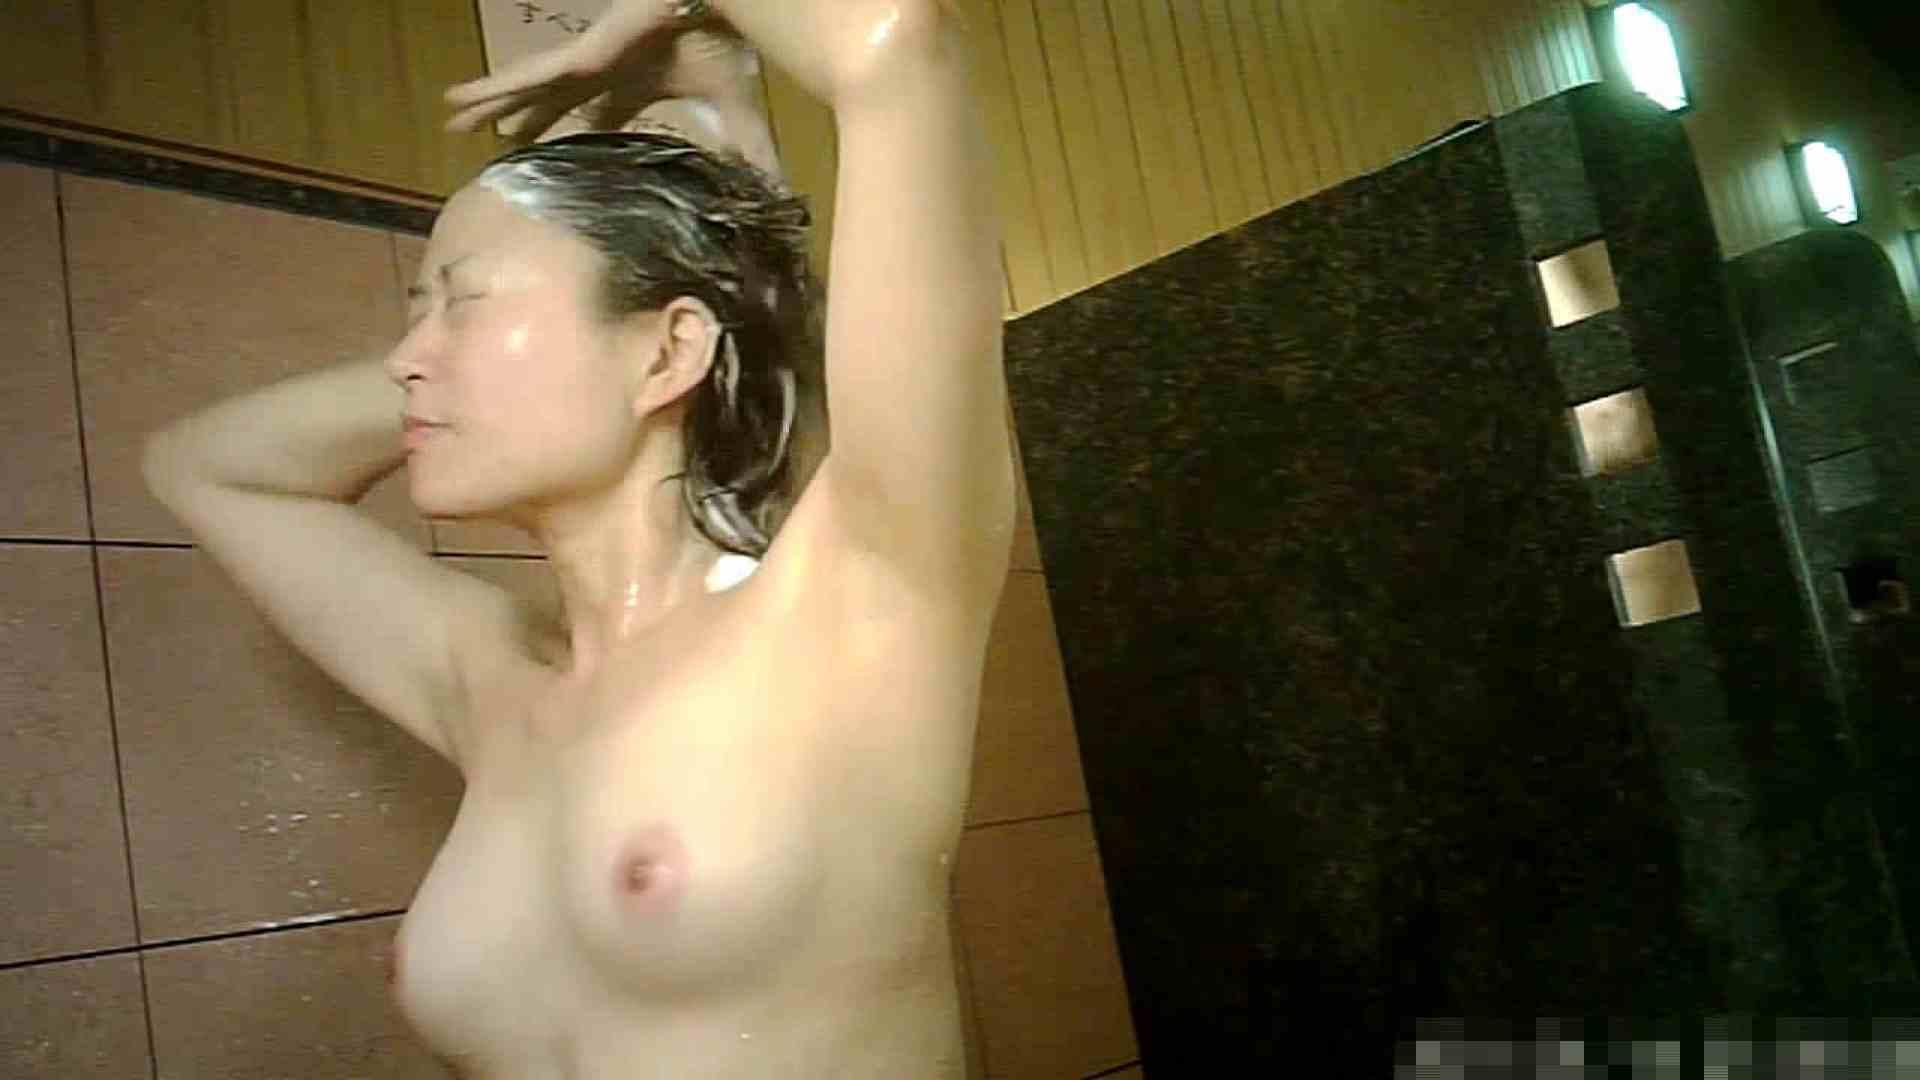 手を染めてしまった女性盗撮師の女風呂潜入記 vol.001 女風呂着替え編 セックス画像 95連発 30